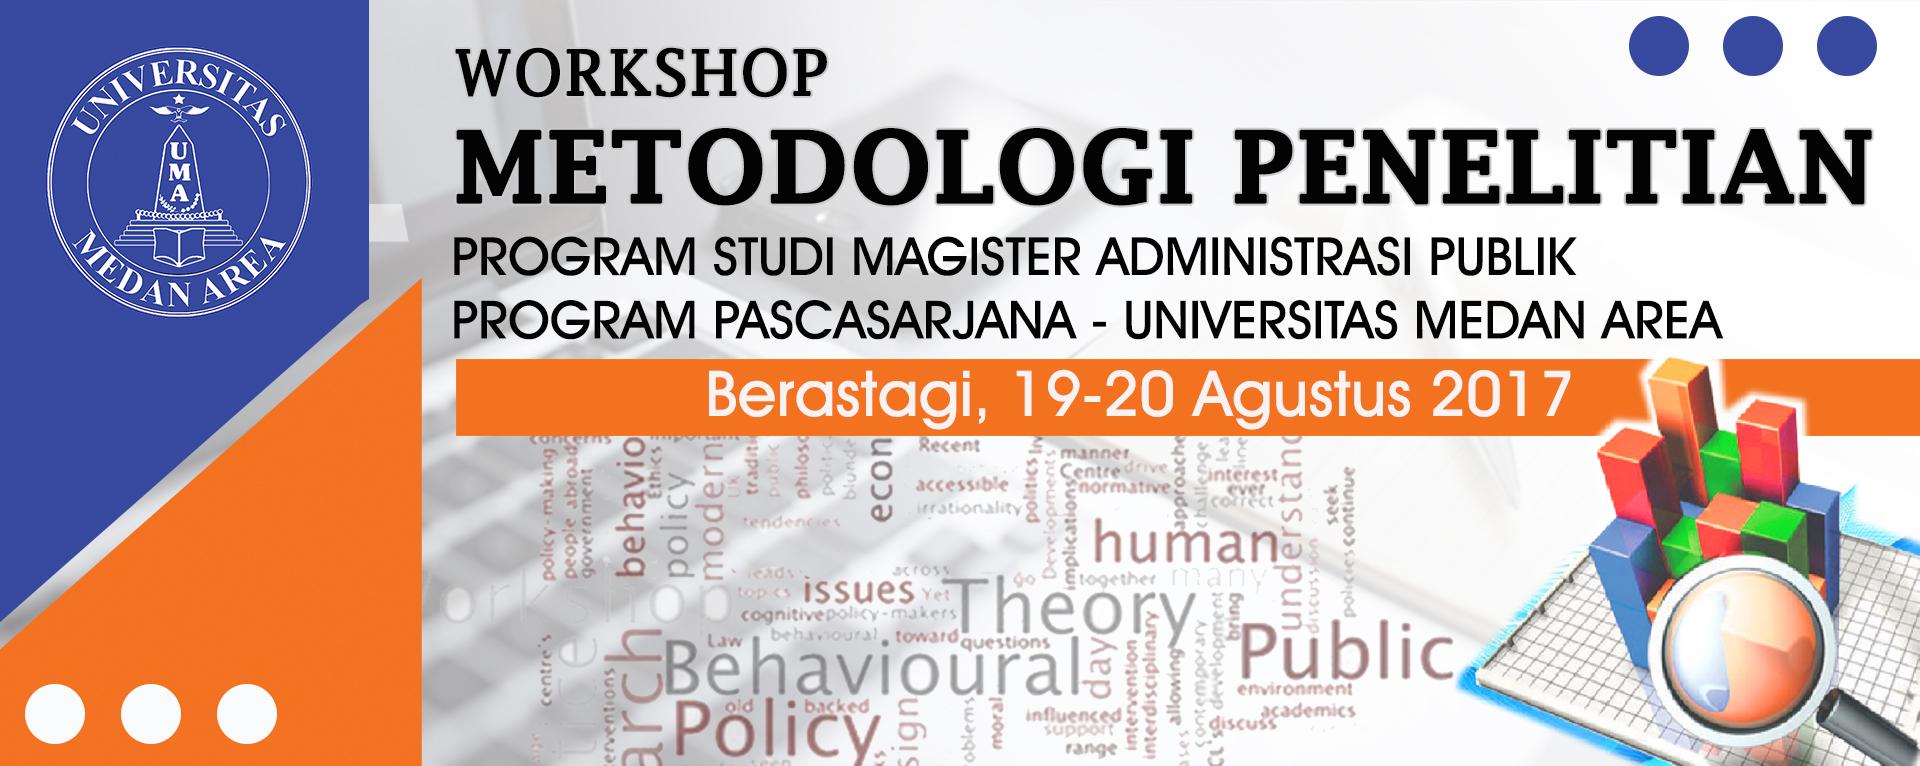 Workshop Metodologi Penelitian Magister Administrasi Publik